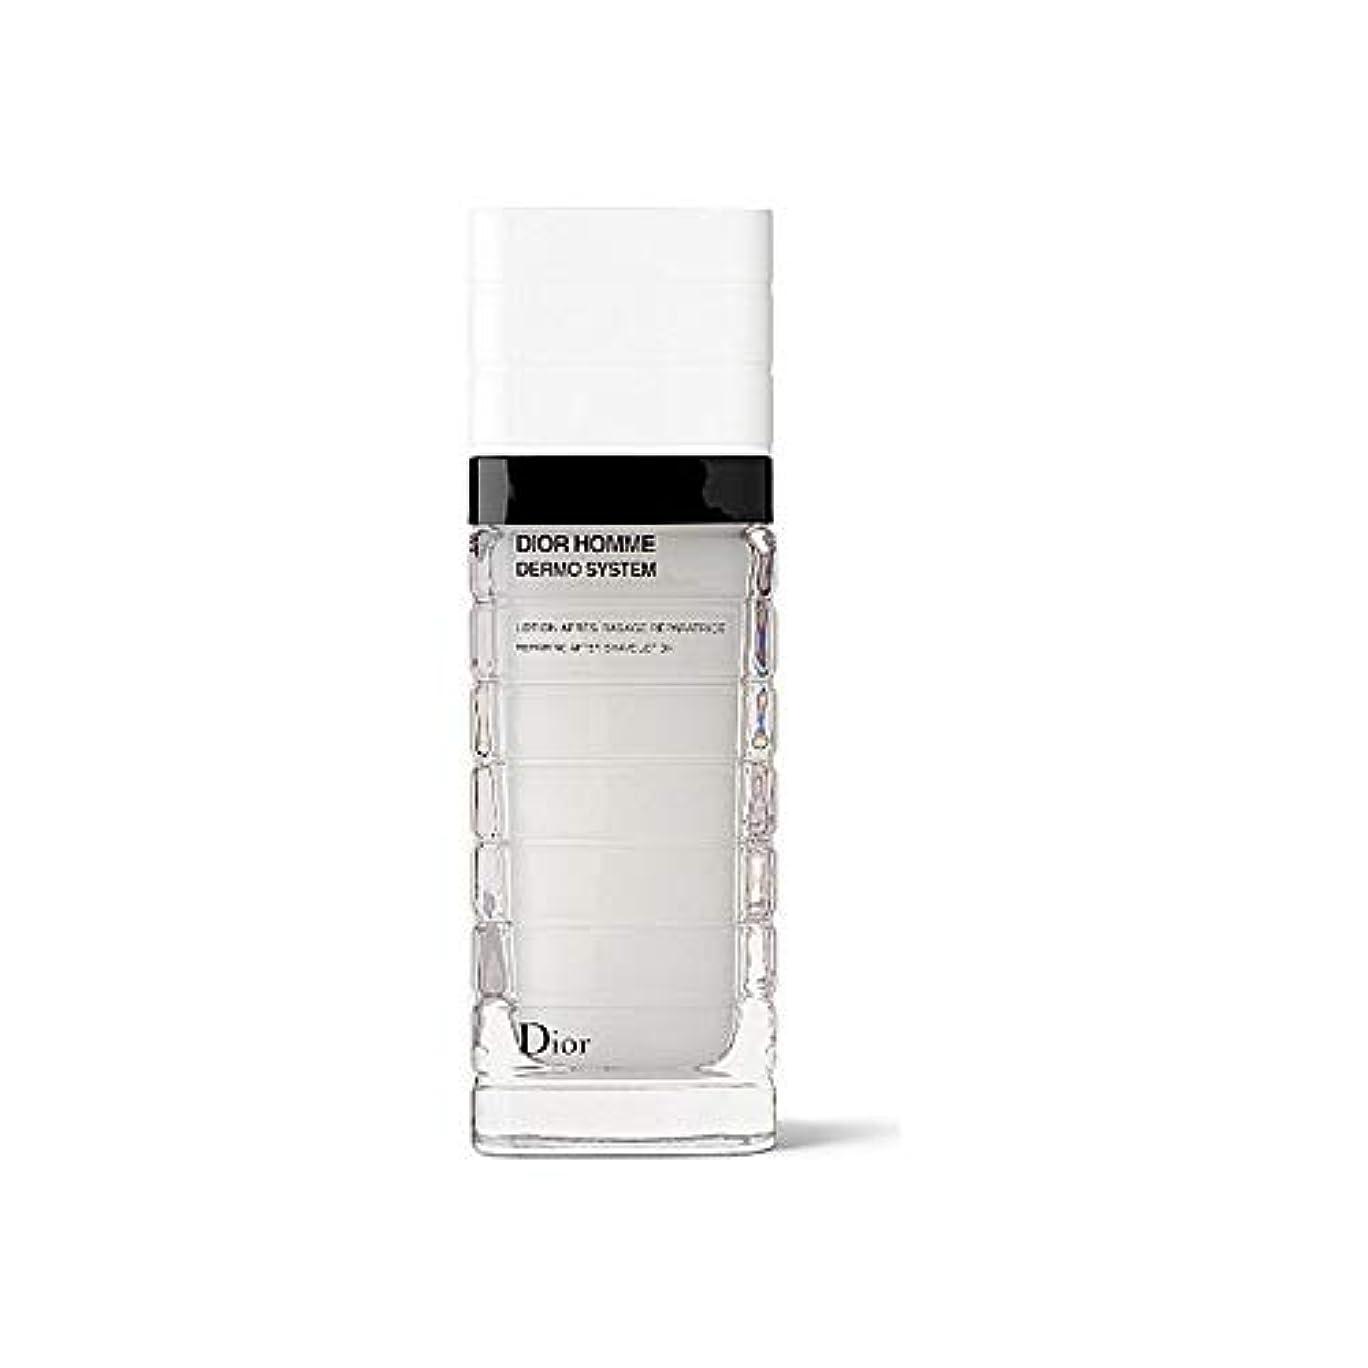 七面鳥すり精通した[Dior] ディオールの真皮システムなだめるようなローション100ミリリットル - Dior Dermo System Soothing Lotion 100ml [並行輸入品]